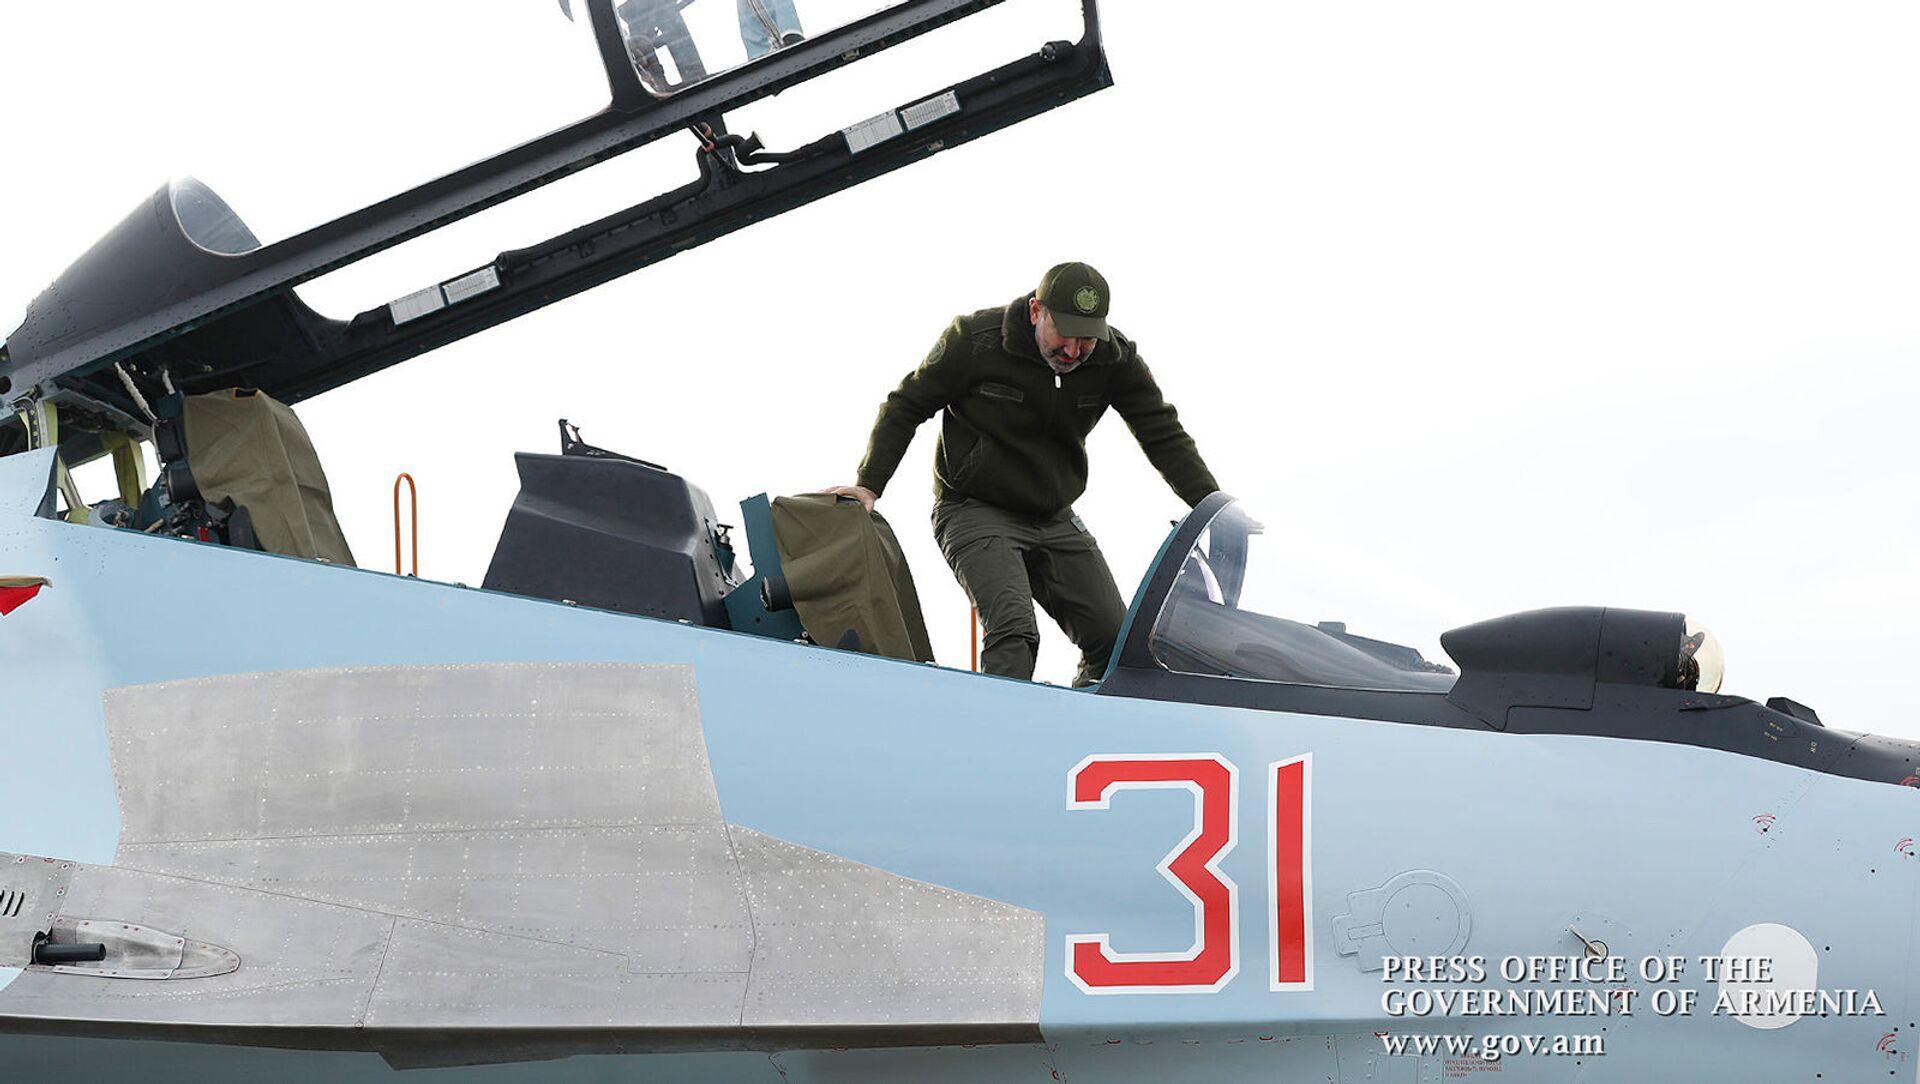 Премьер-министр Никол Пашинян поднимается в кабину новейшего СУ 30СМ (27 декабря 2019). - Sputnik Արմենիա, 1920, 06.04.2021